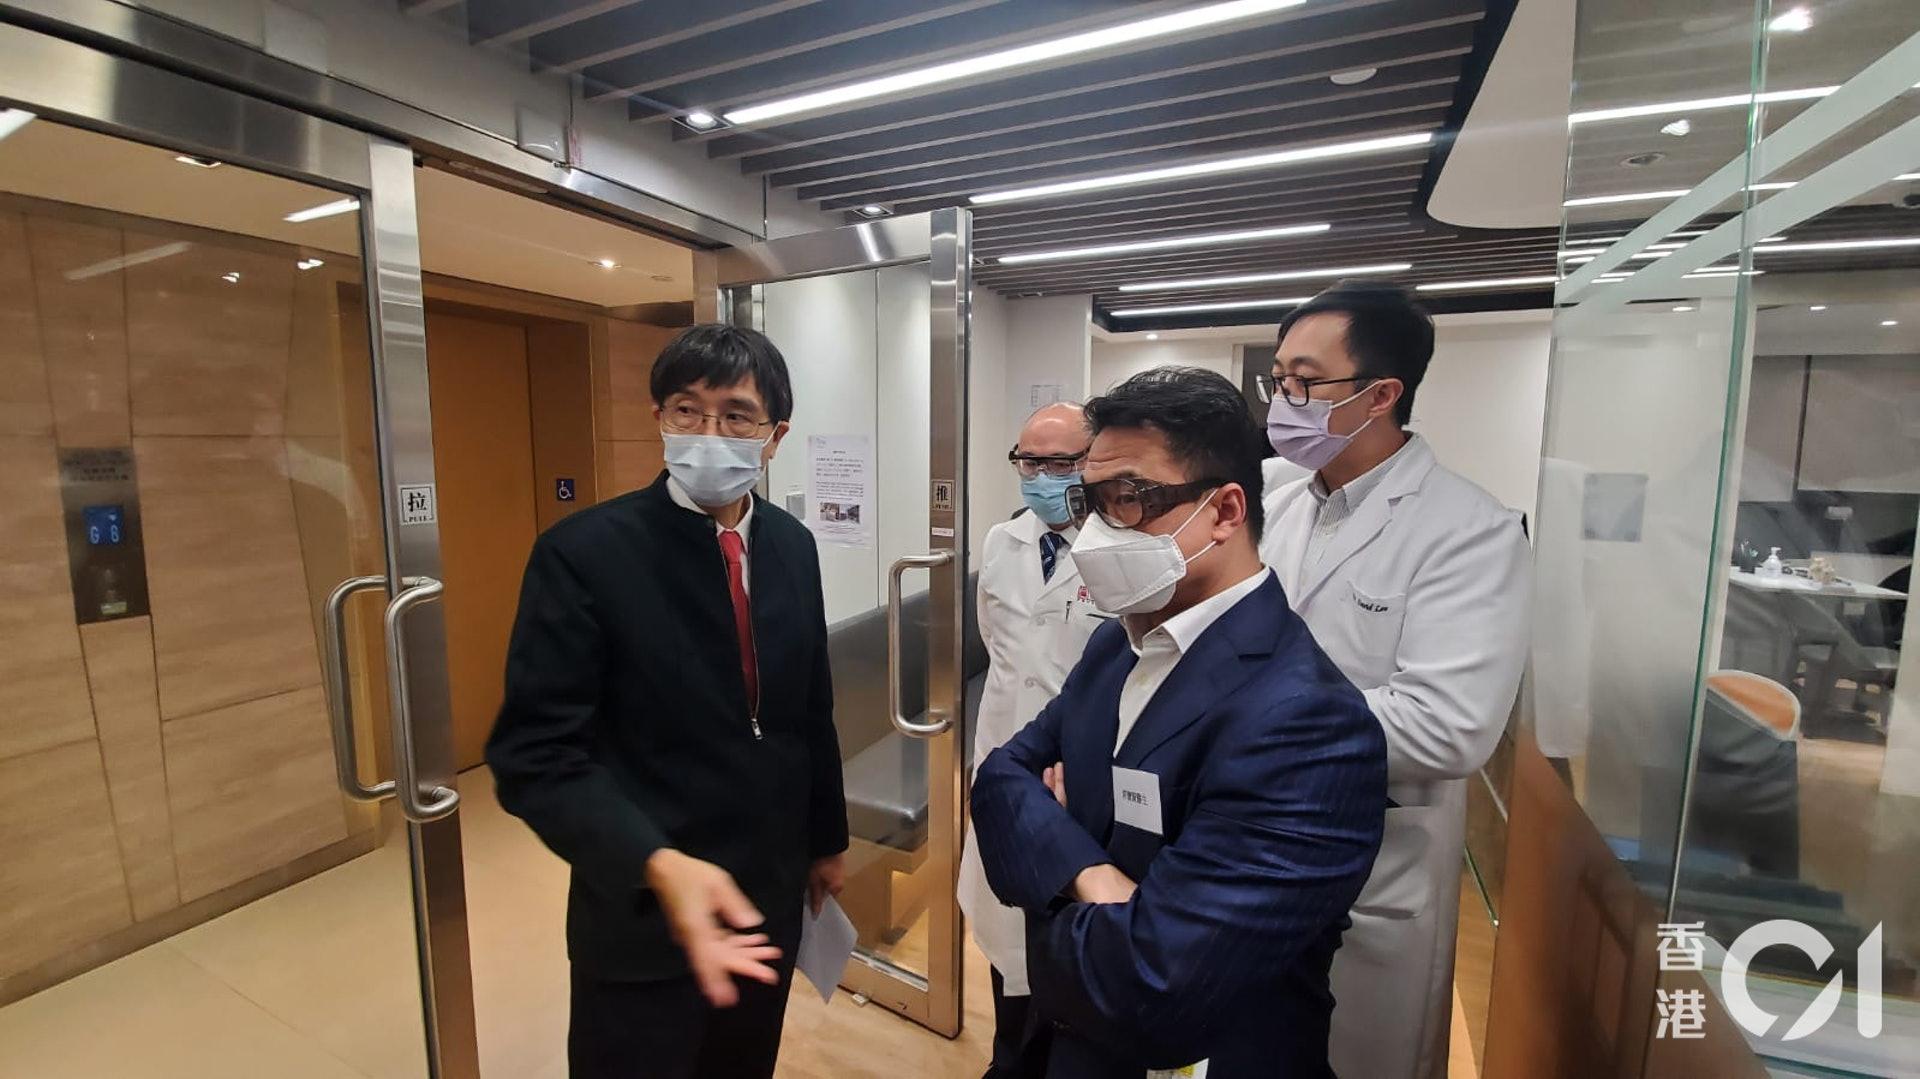 新冠肺炎疫情爆發,催生香港的線上醫療行業急速冒起。圖為袁國勇視察尚至醫療的感染控制措施。(尚至醫療提供)